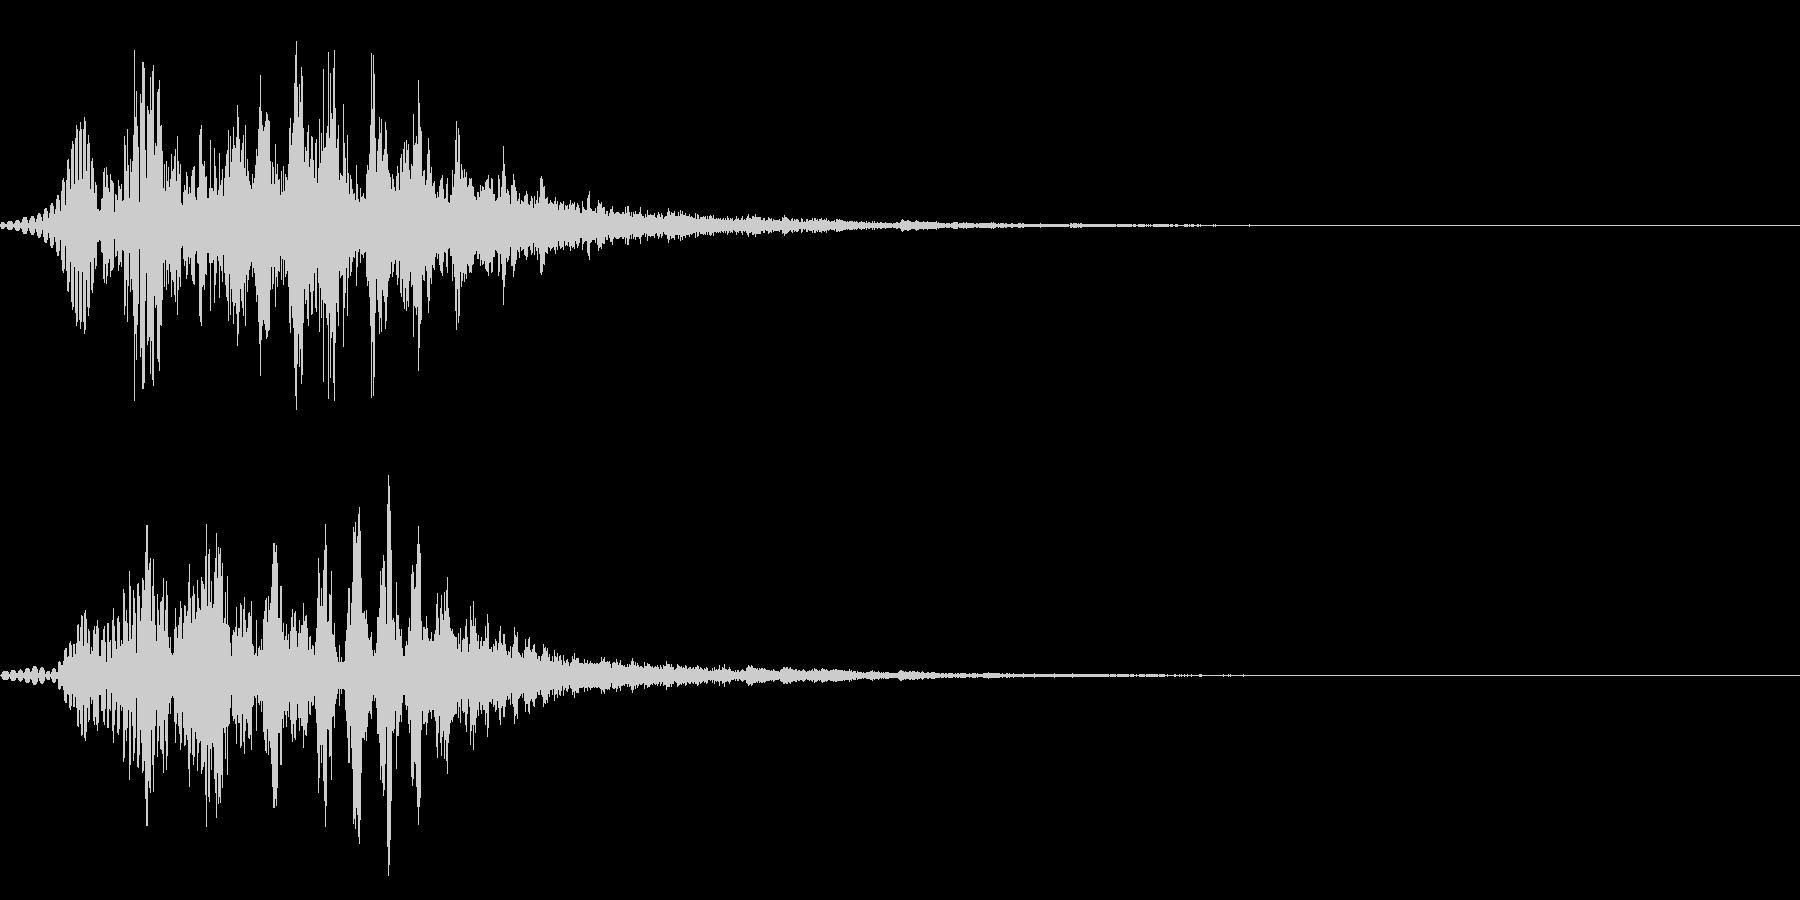 キュルキュル2 大きくなる 変身 演出の未再生の波形